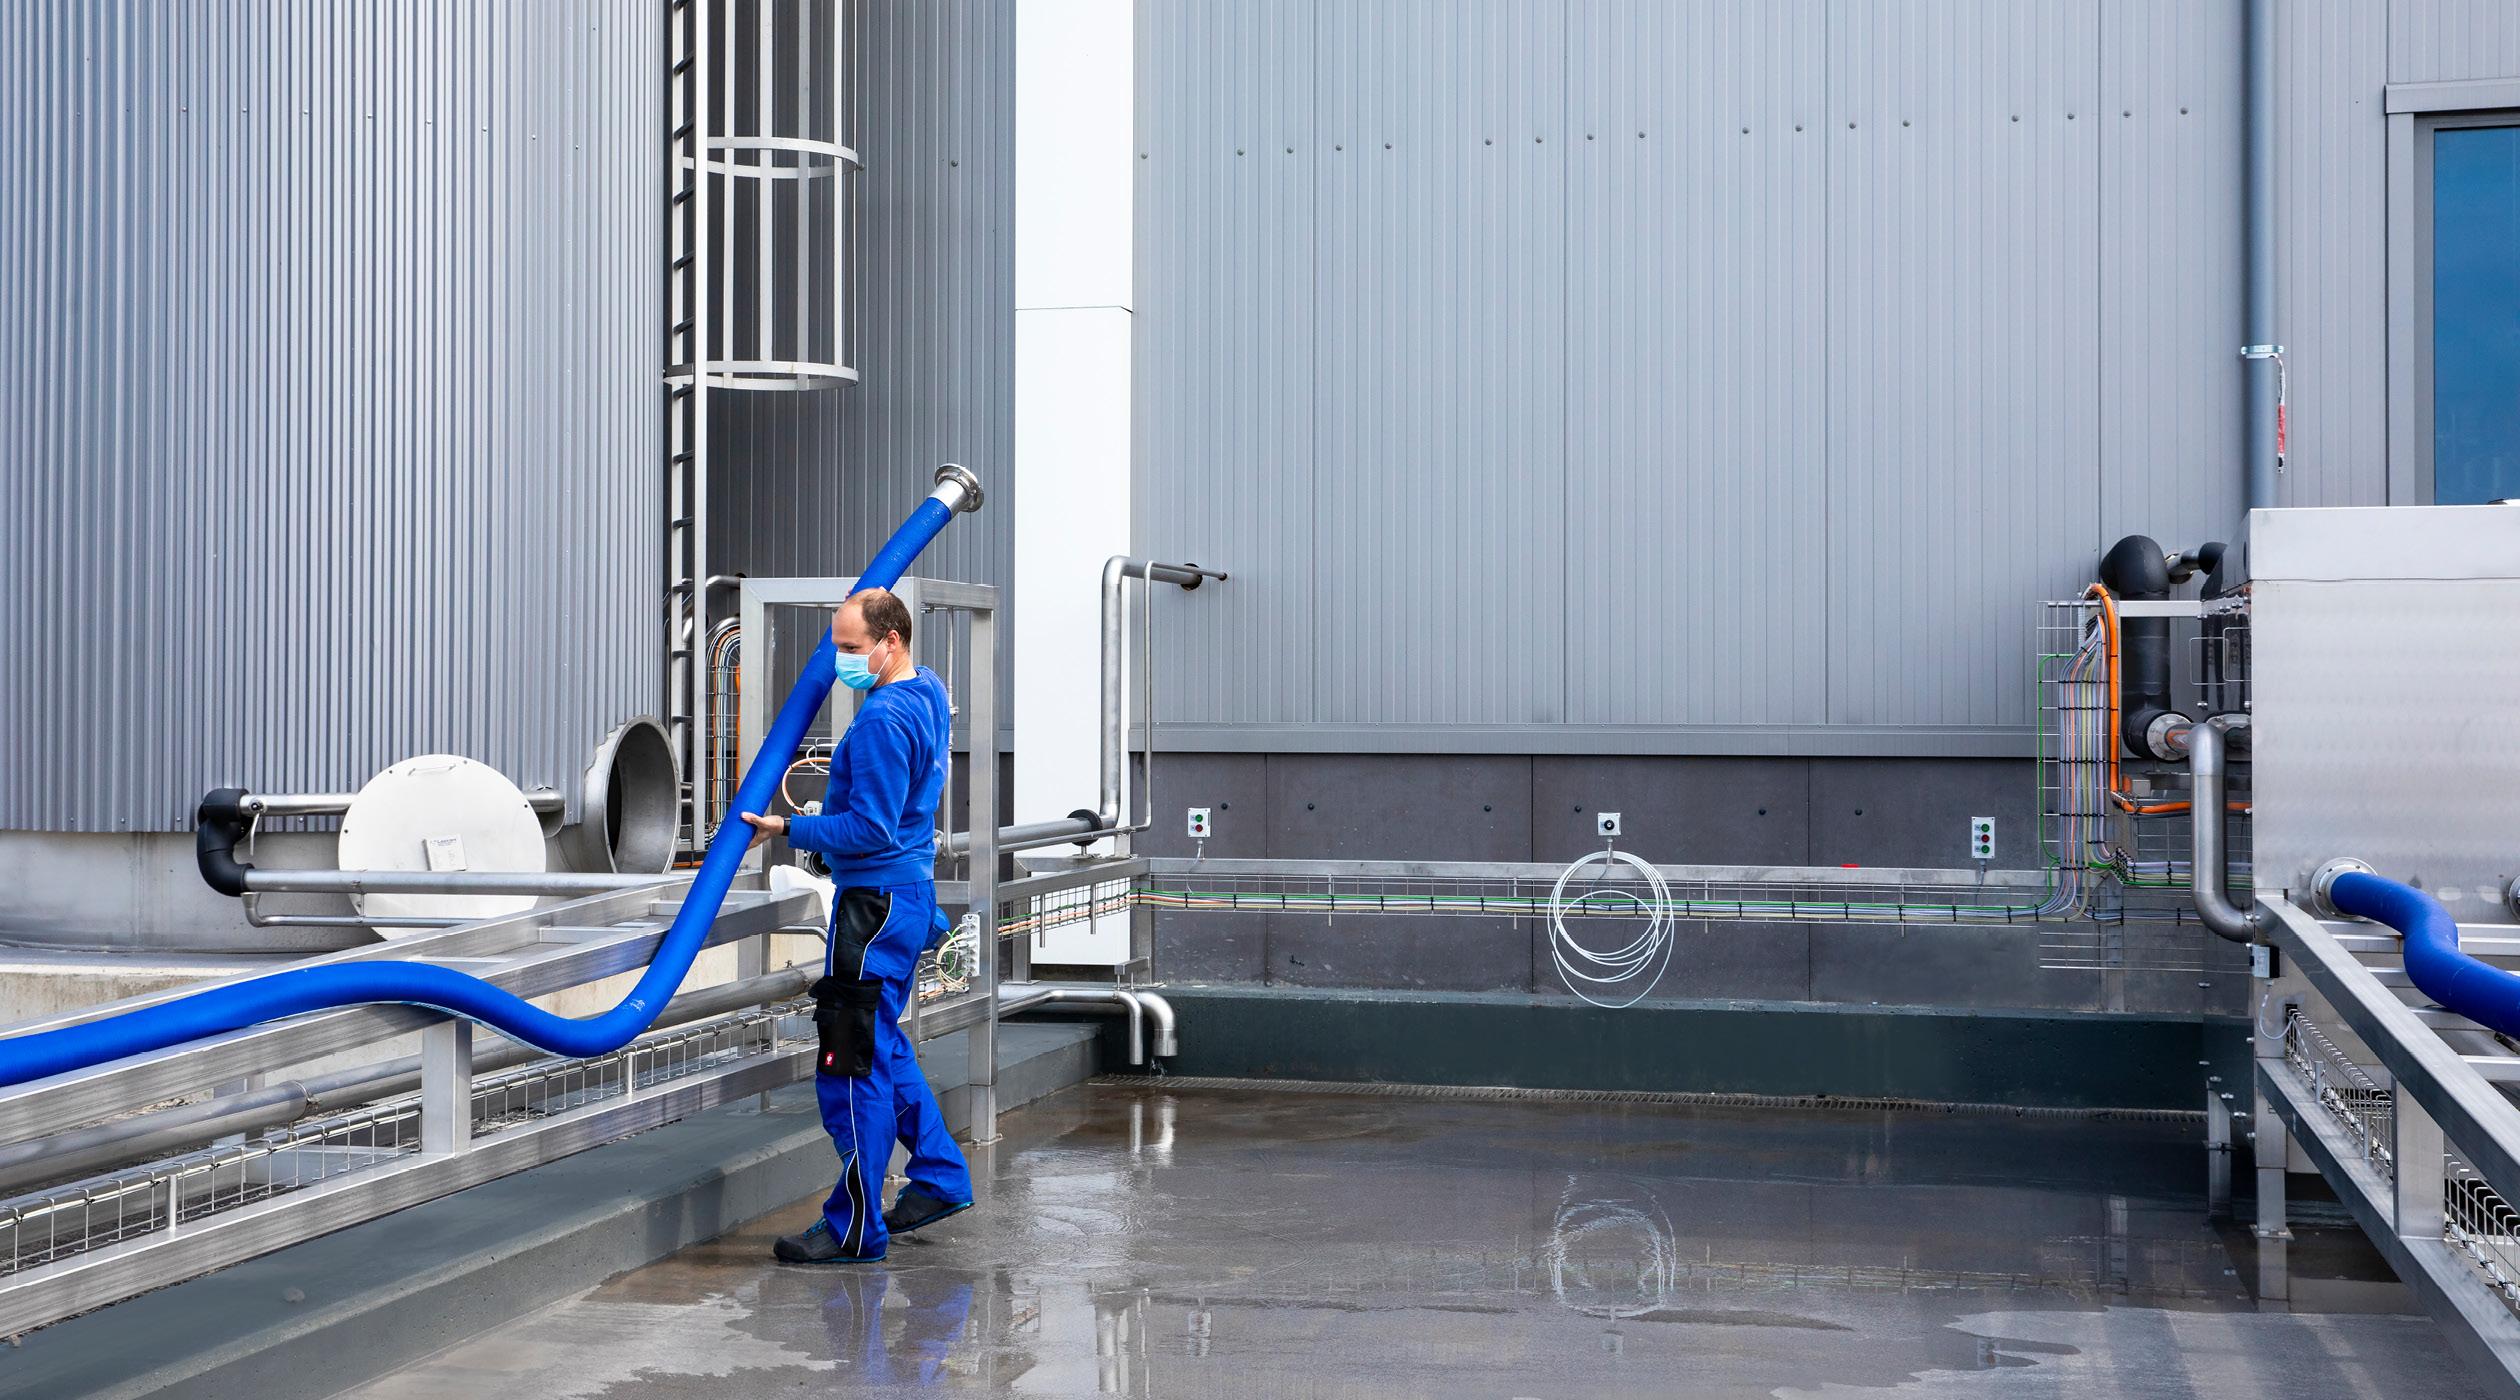 Tijdelijke uitbreiding eisen zorgplicht van werkgevers voor veilige en gezonde werkplek